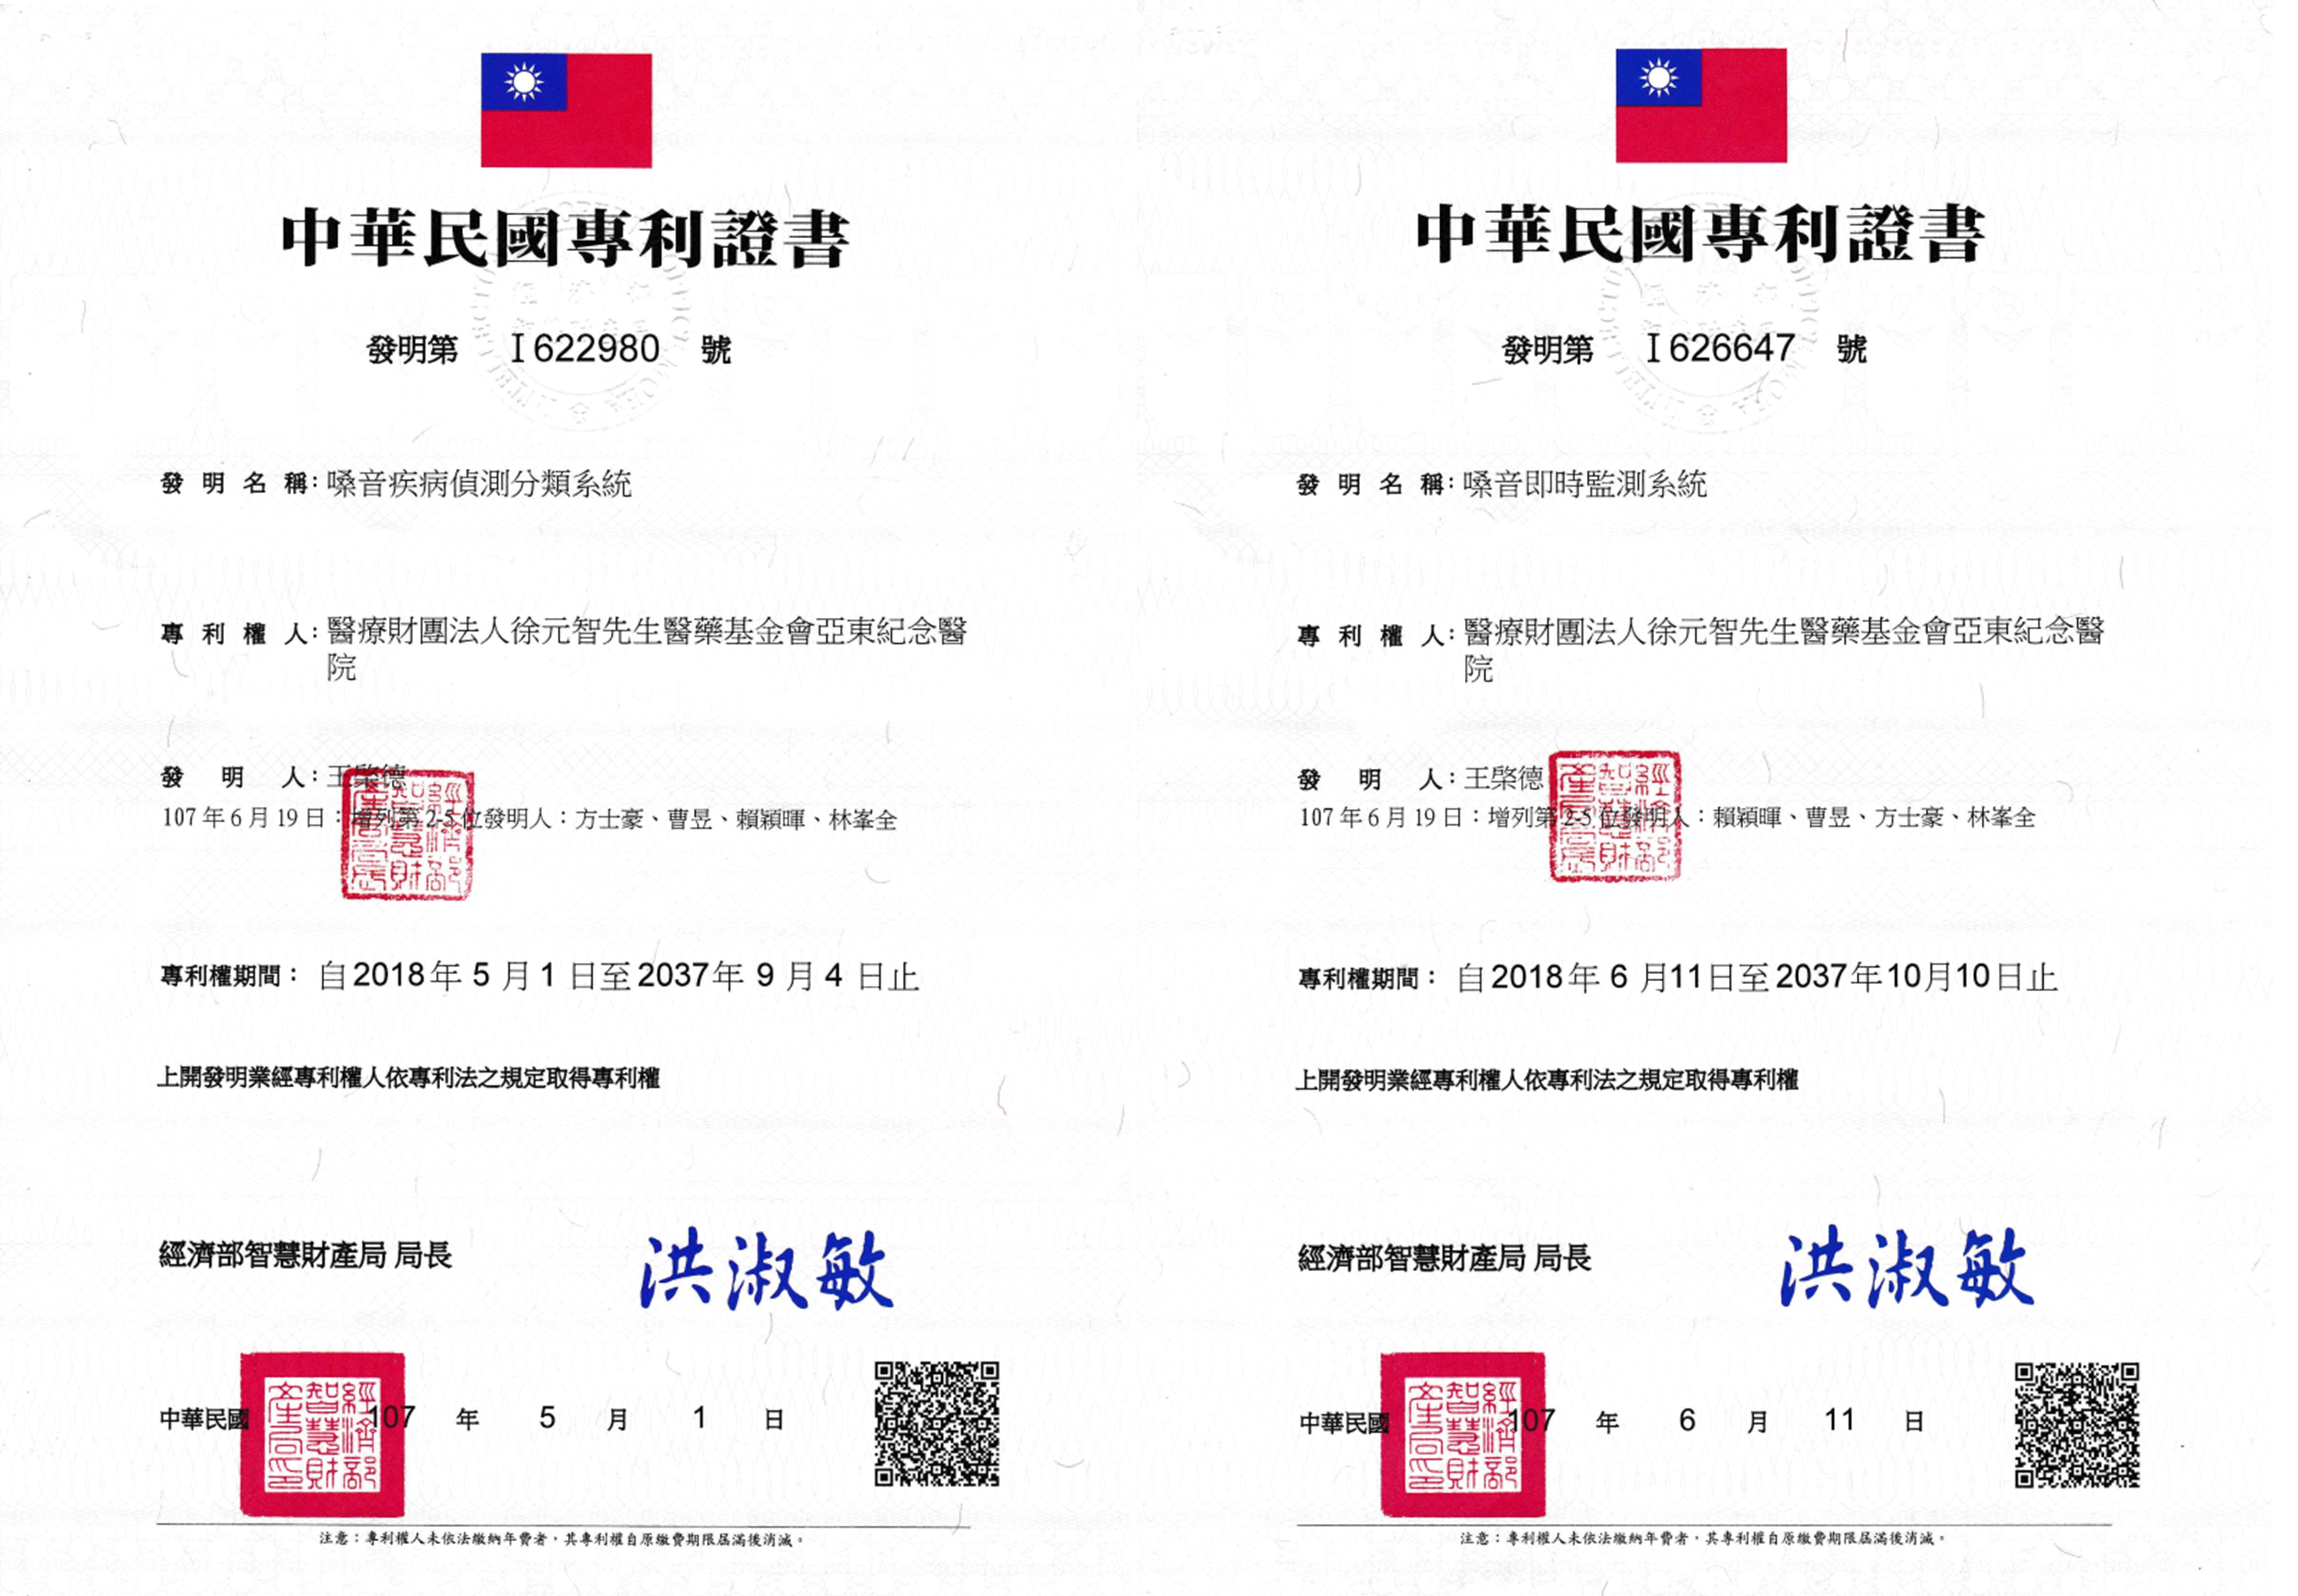 """本研究成果已於2018年獲得中華民國發明專利許可""""嗓音疾病偵測分類系統""""以及""""嗓音即時監測系統"""",並同步申請中國專利,目前已立案審理中。"""